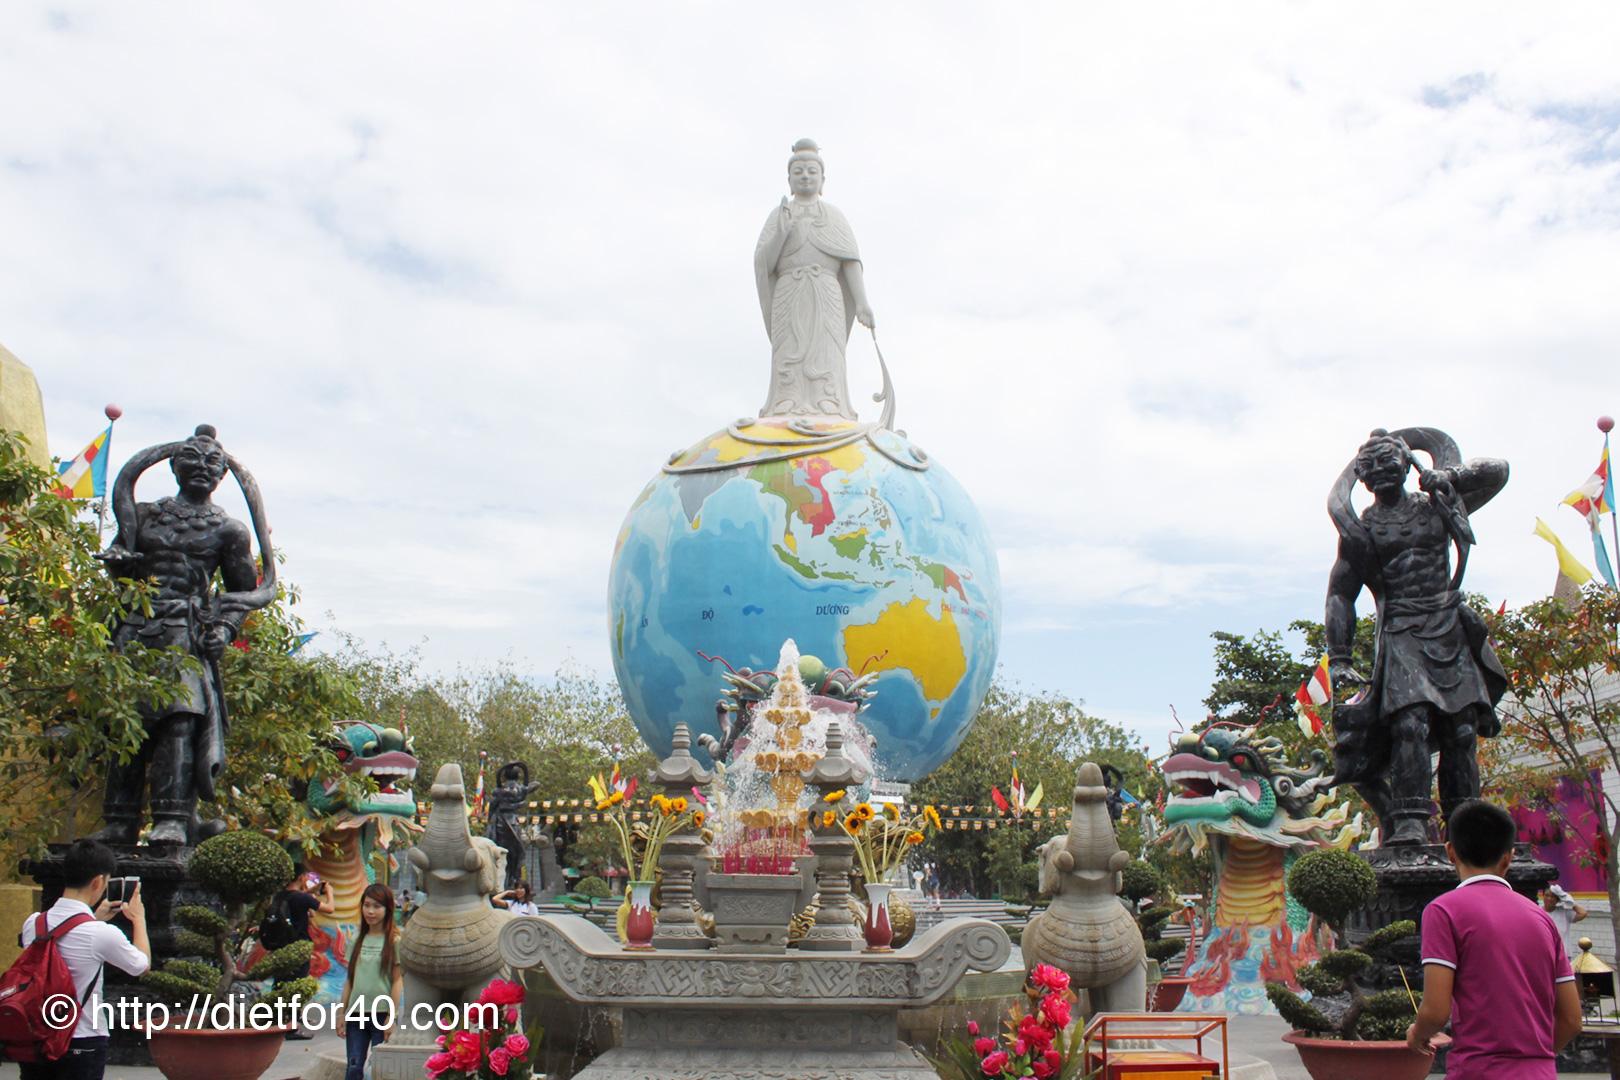 仏教がテーマになったテーマパーク「スイティエン公園」